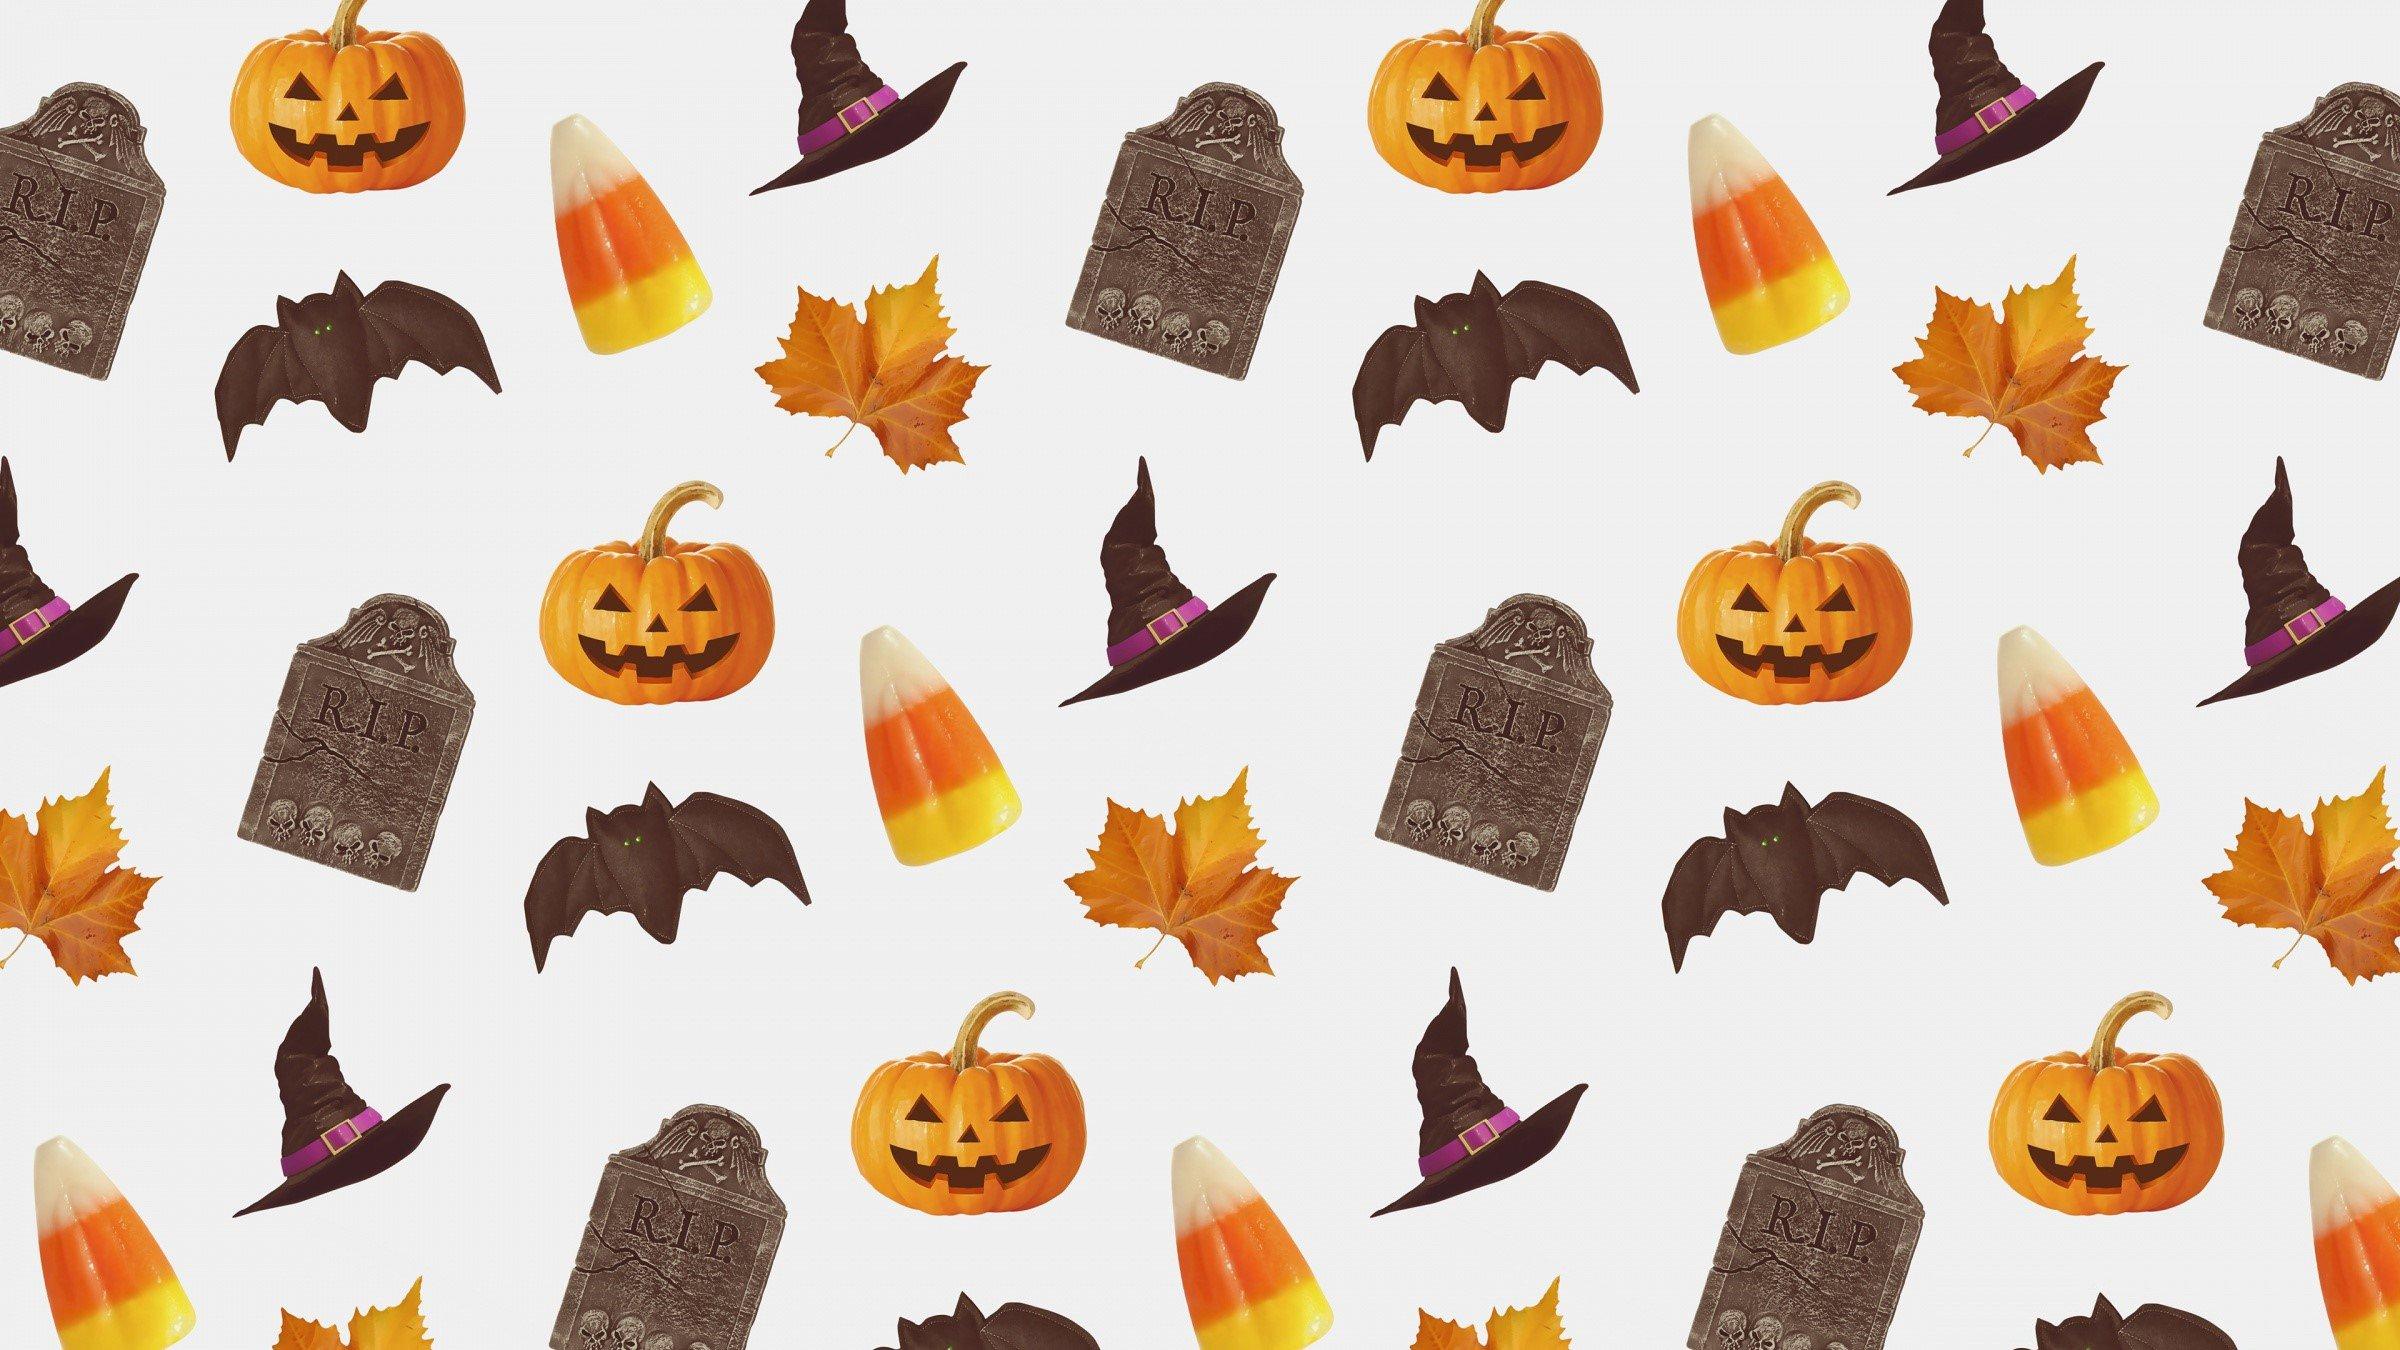 Wallpaper Halloween objects